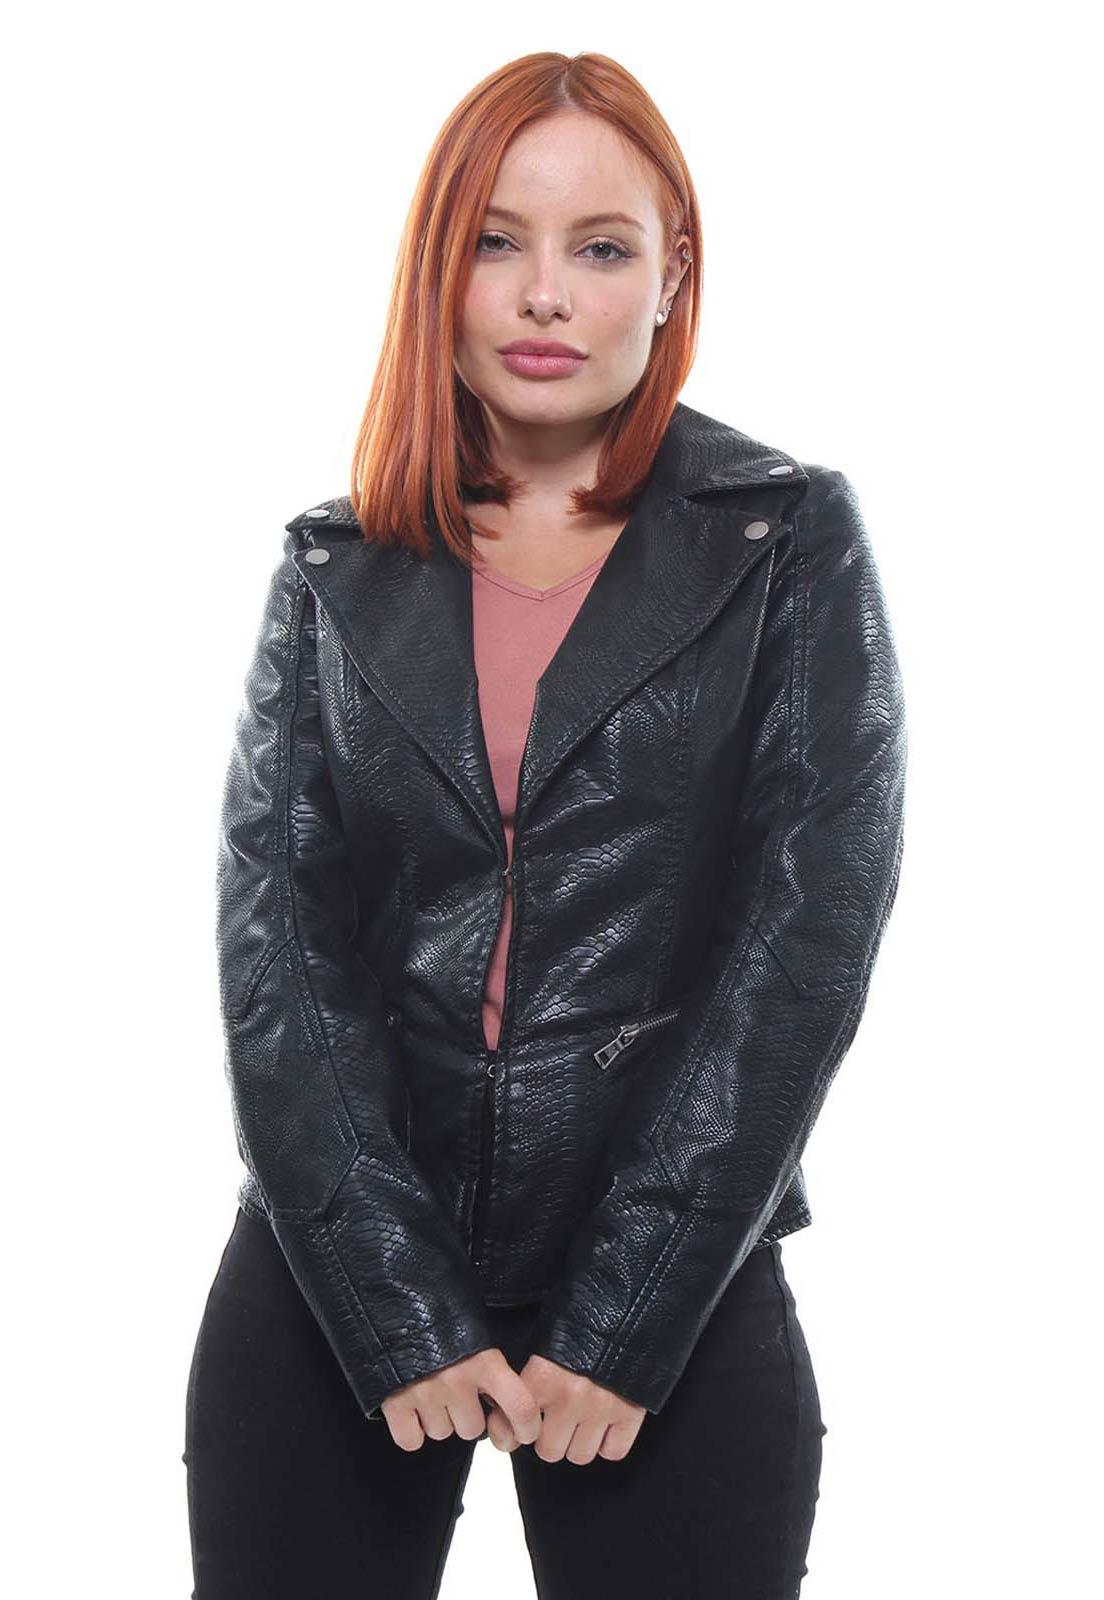 Jaqueta Feminina Crocker - 47371  - CROCKER JEANS